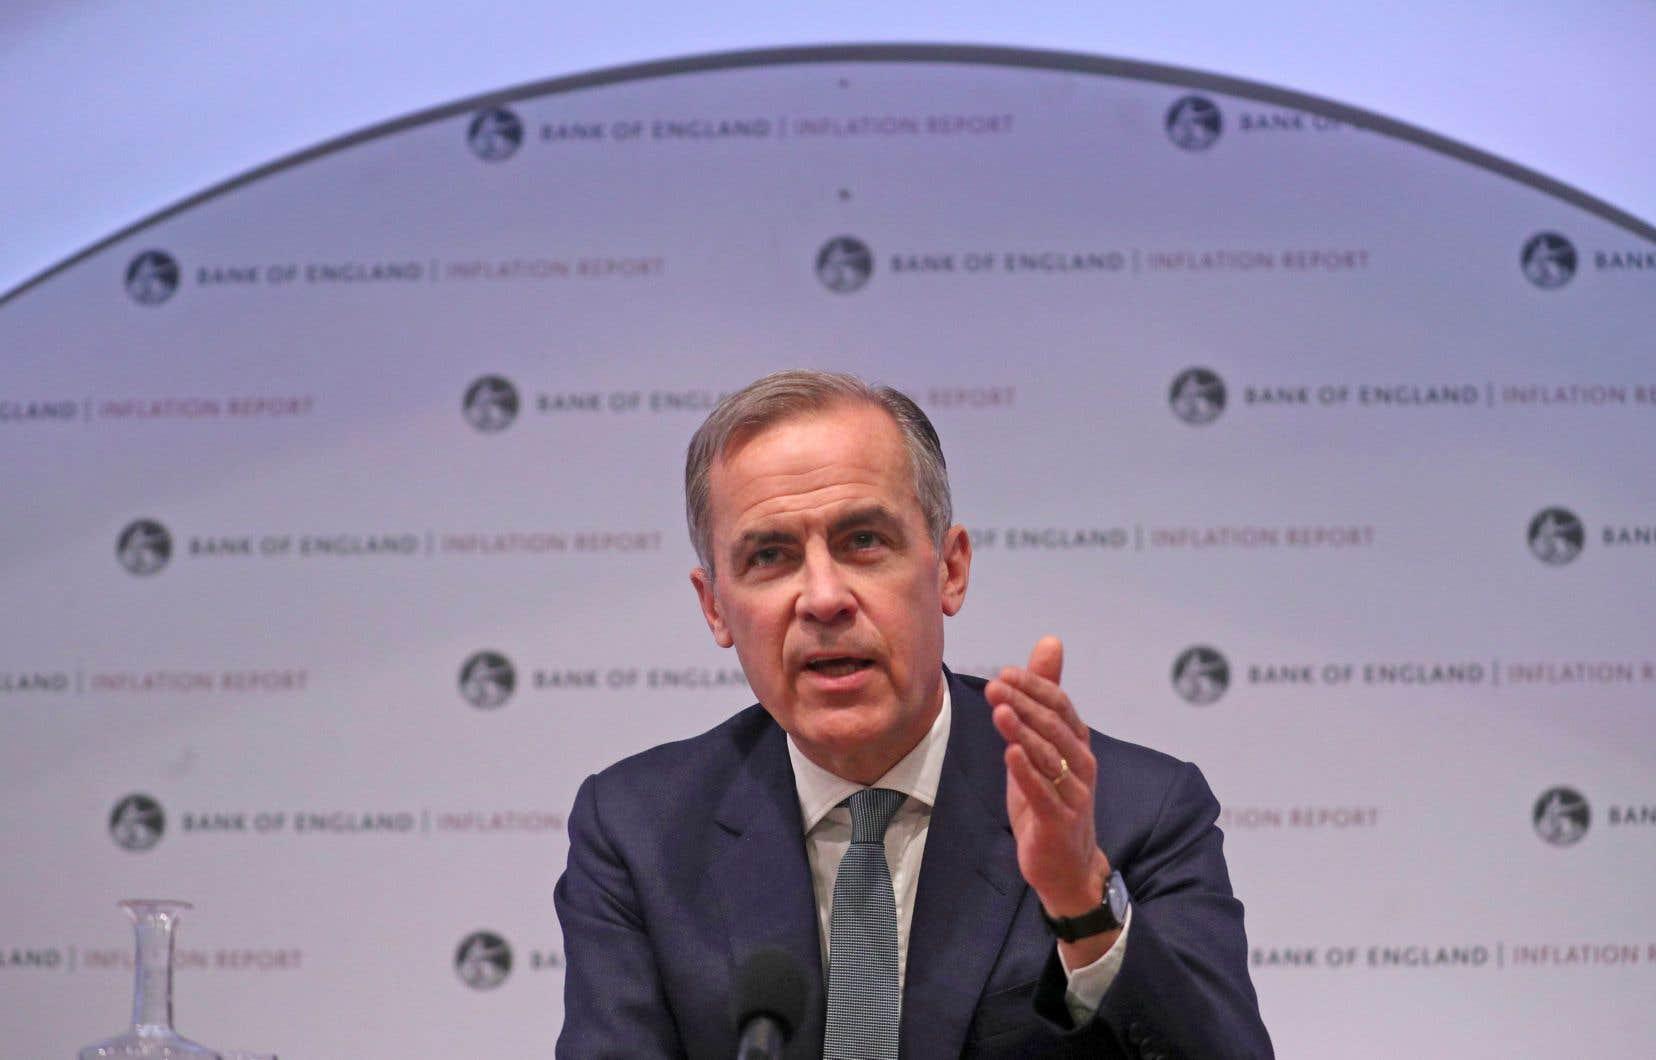 «Un Brexit sans accord négocié serait un choc pour l'économie», a rappelé mardi Mark Carney, le gouverneur de la Banque d'Angleterre.